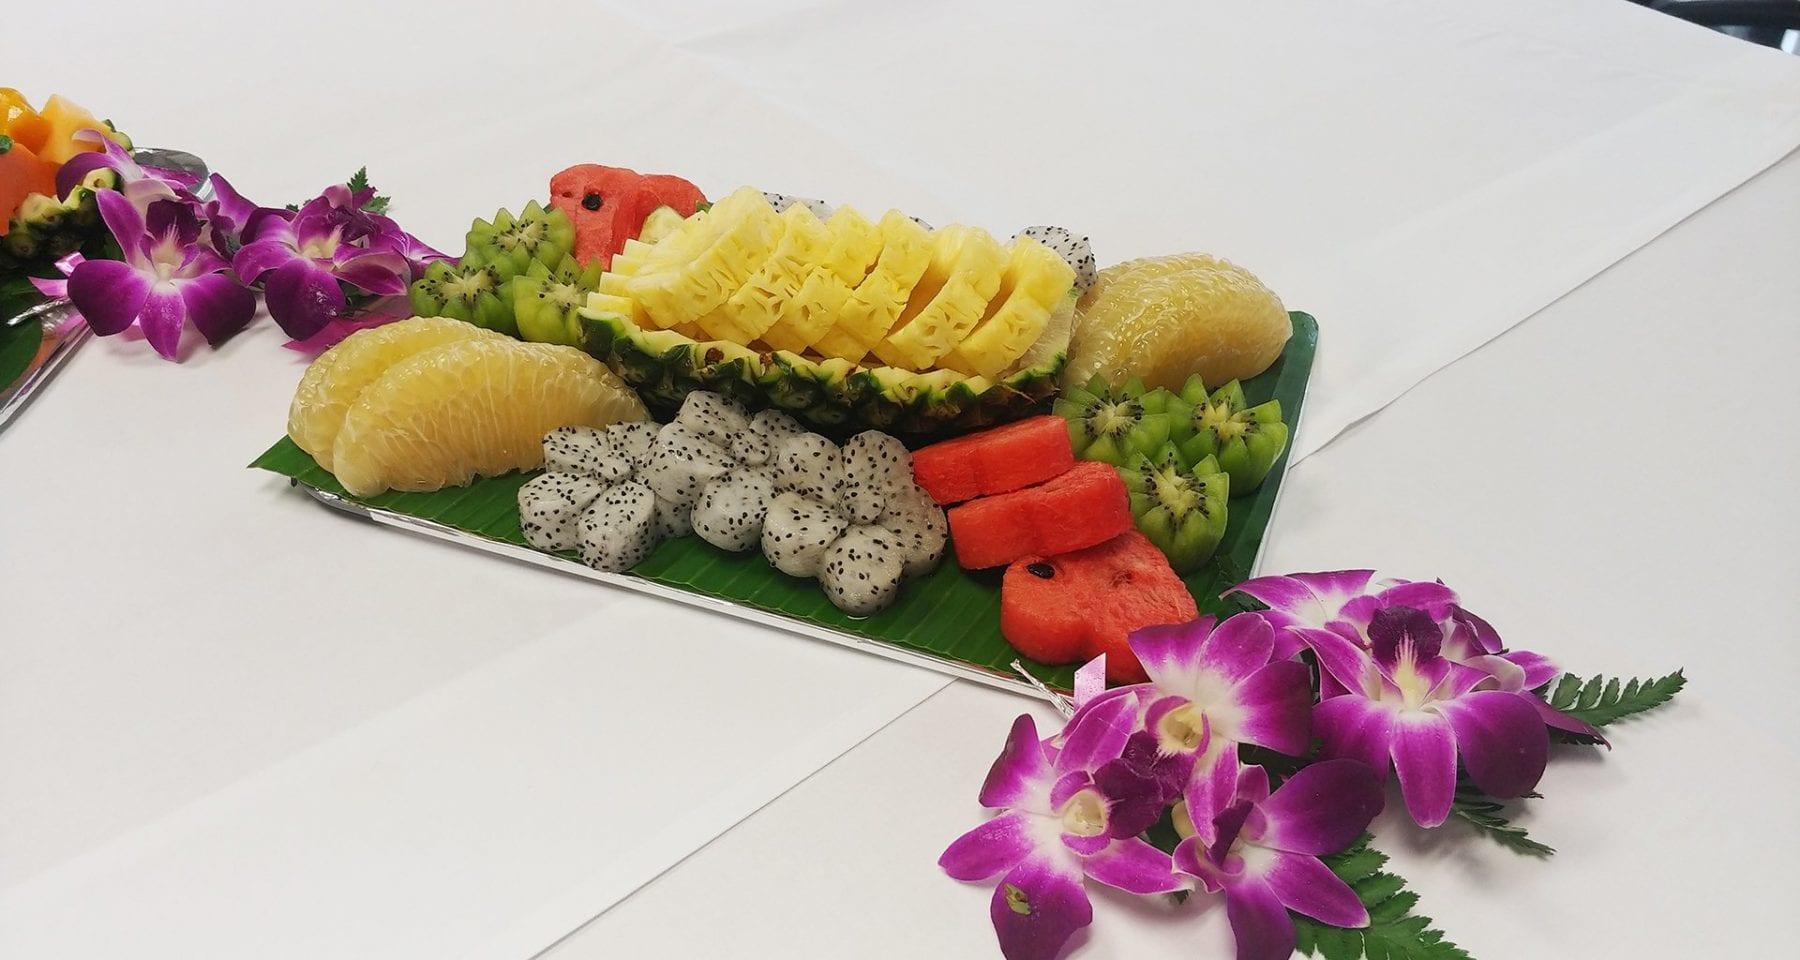 Thai Airways inflight fruit meal